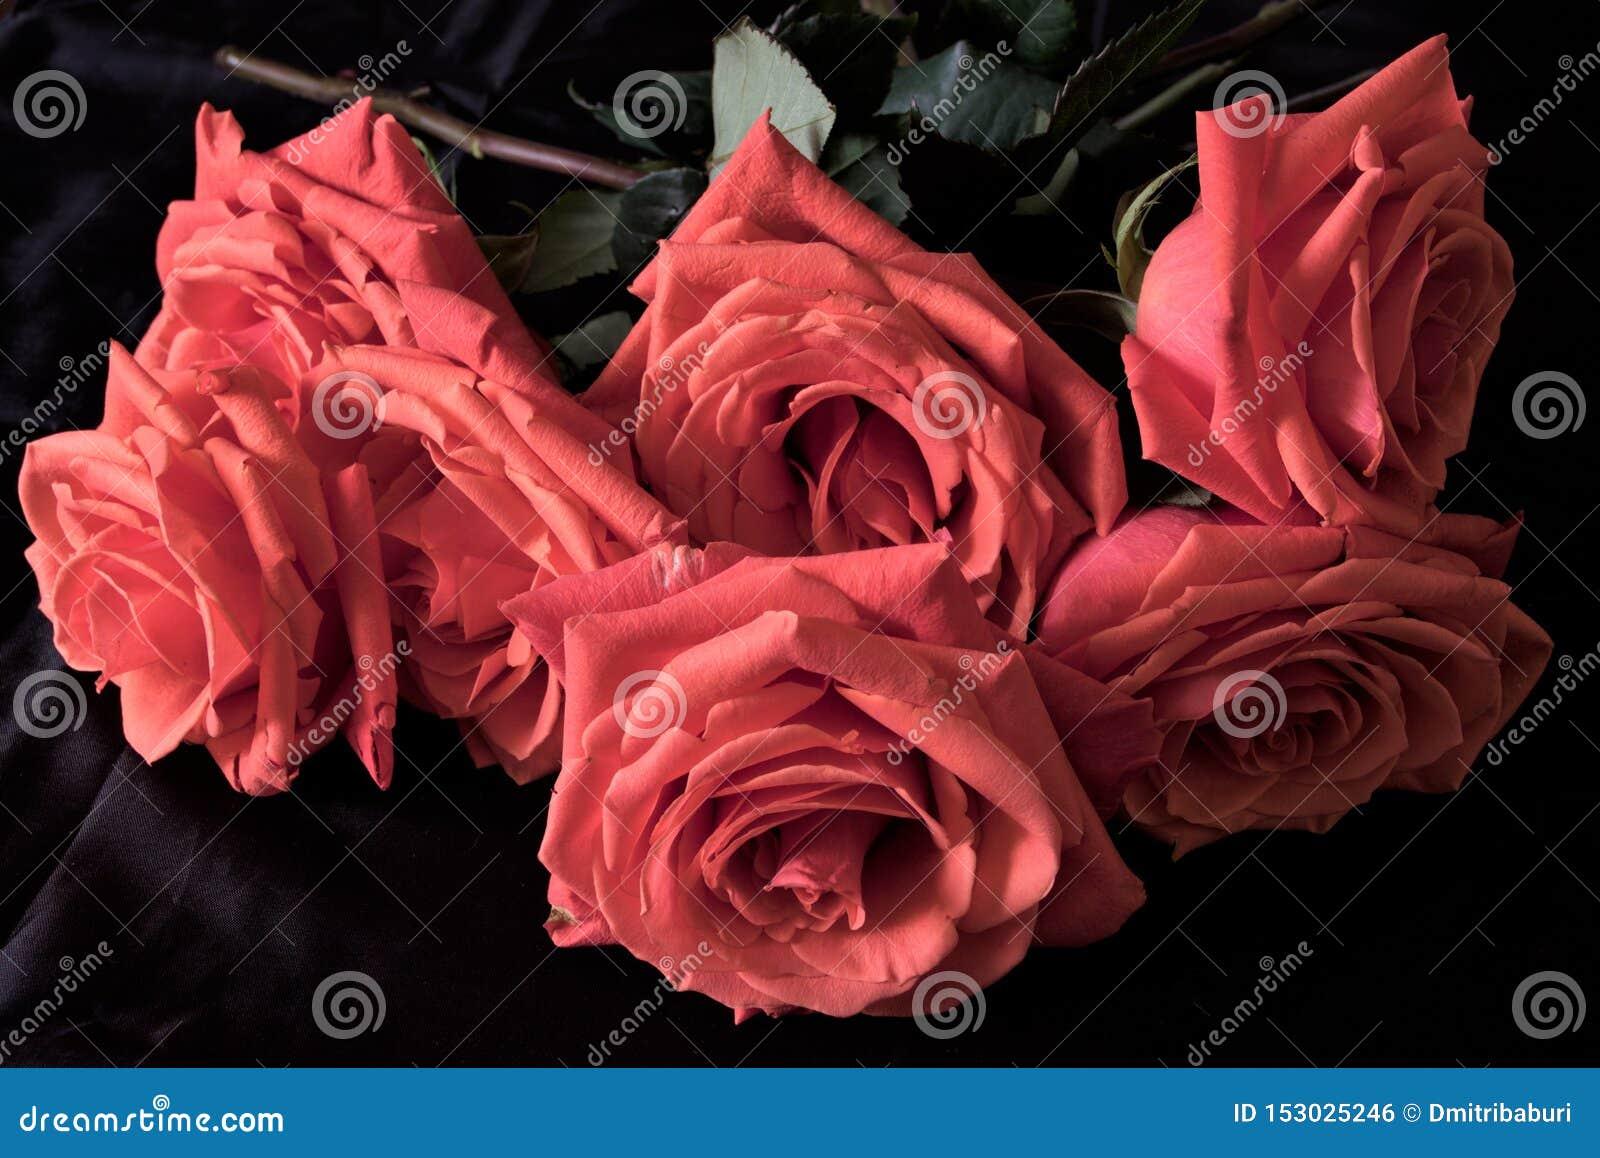 Schitterende red-brick rozen op een zwarte achtergrond als basis van de achtergrond